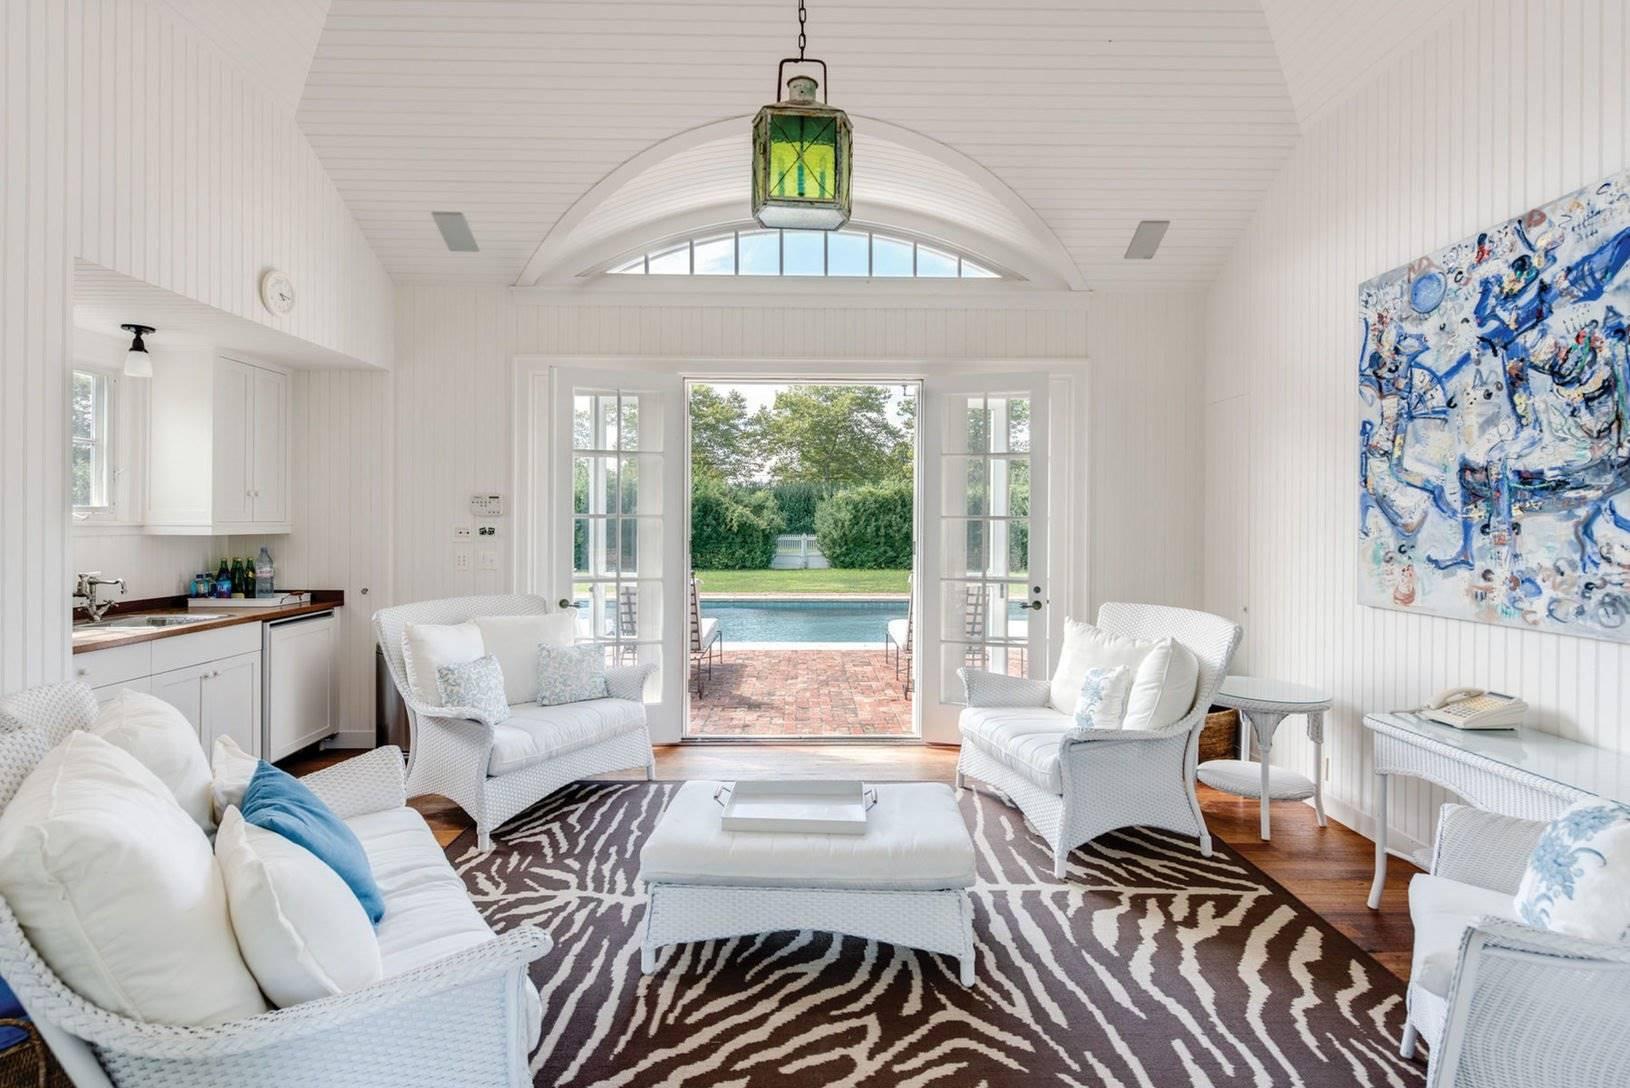 Salón blanco de la casa de Chantal miller en los hamptons. Un mini salón atrevido